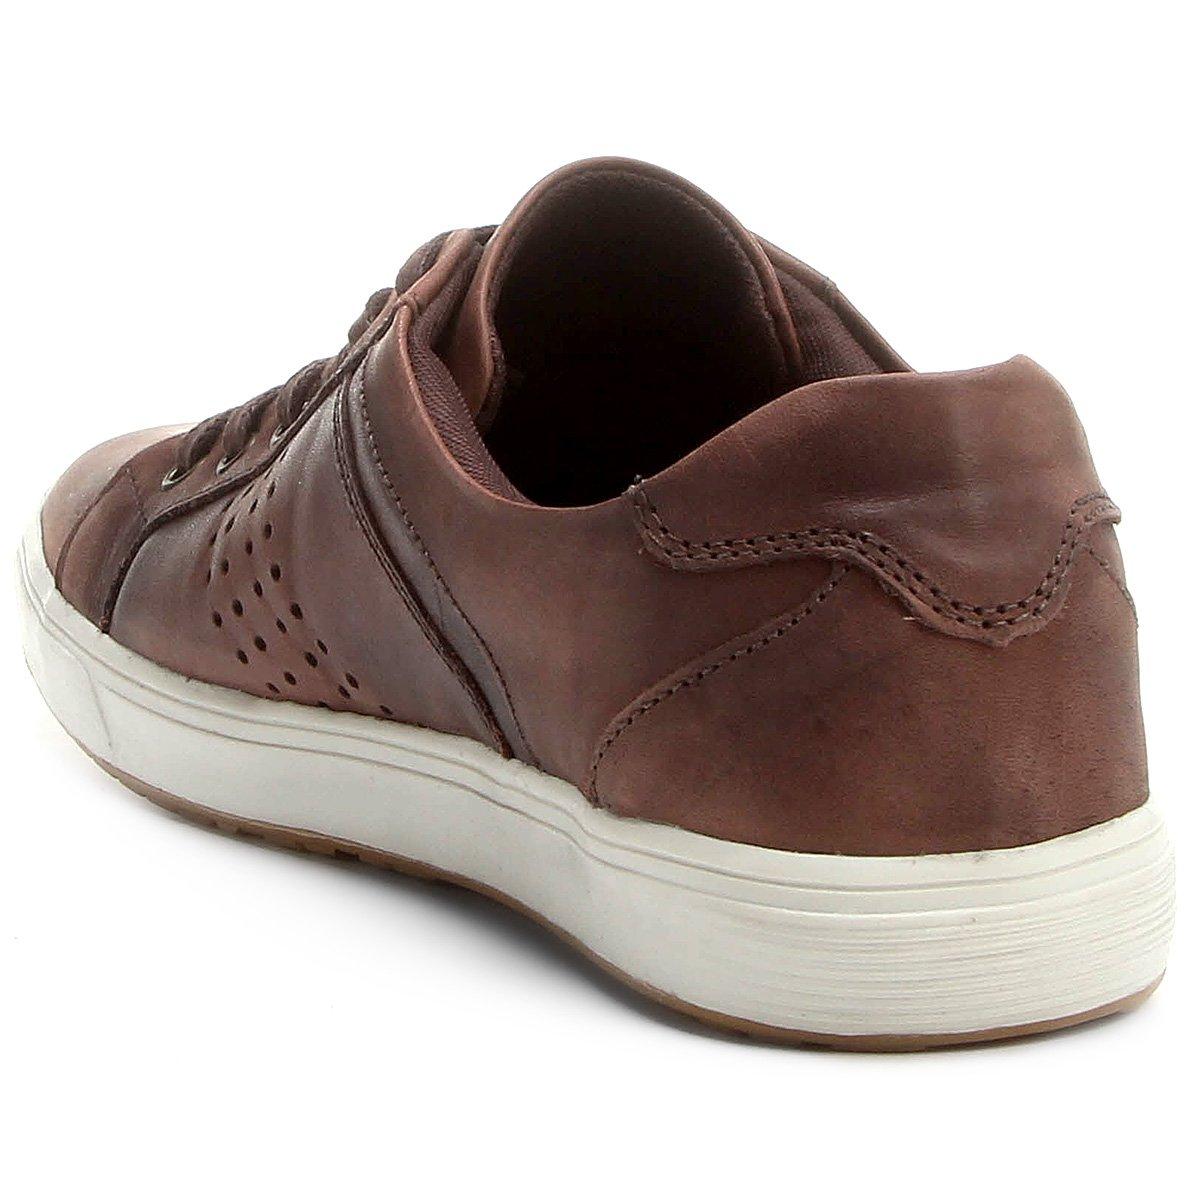 bd9a0f070d Sapatênis Couro Shoestock Perfuros Masculino - Compre Agora